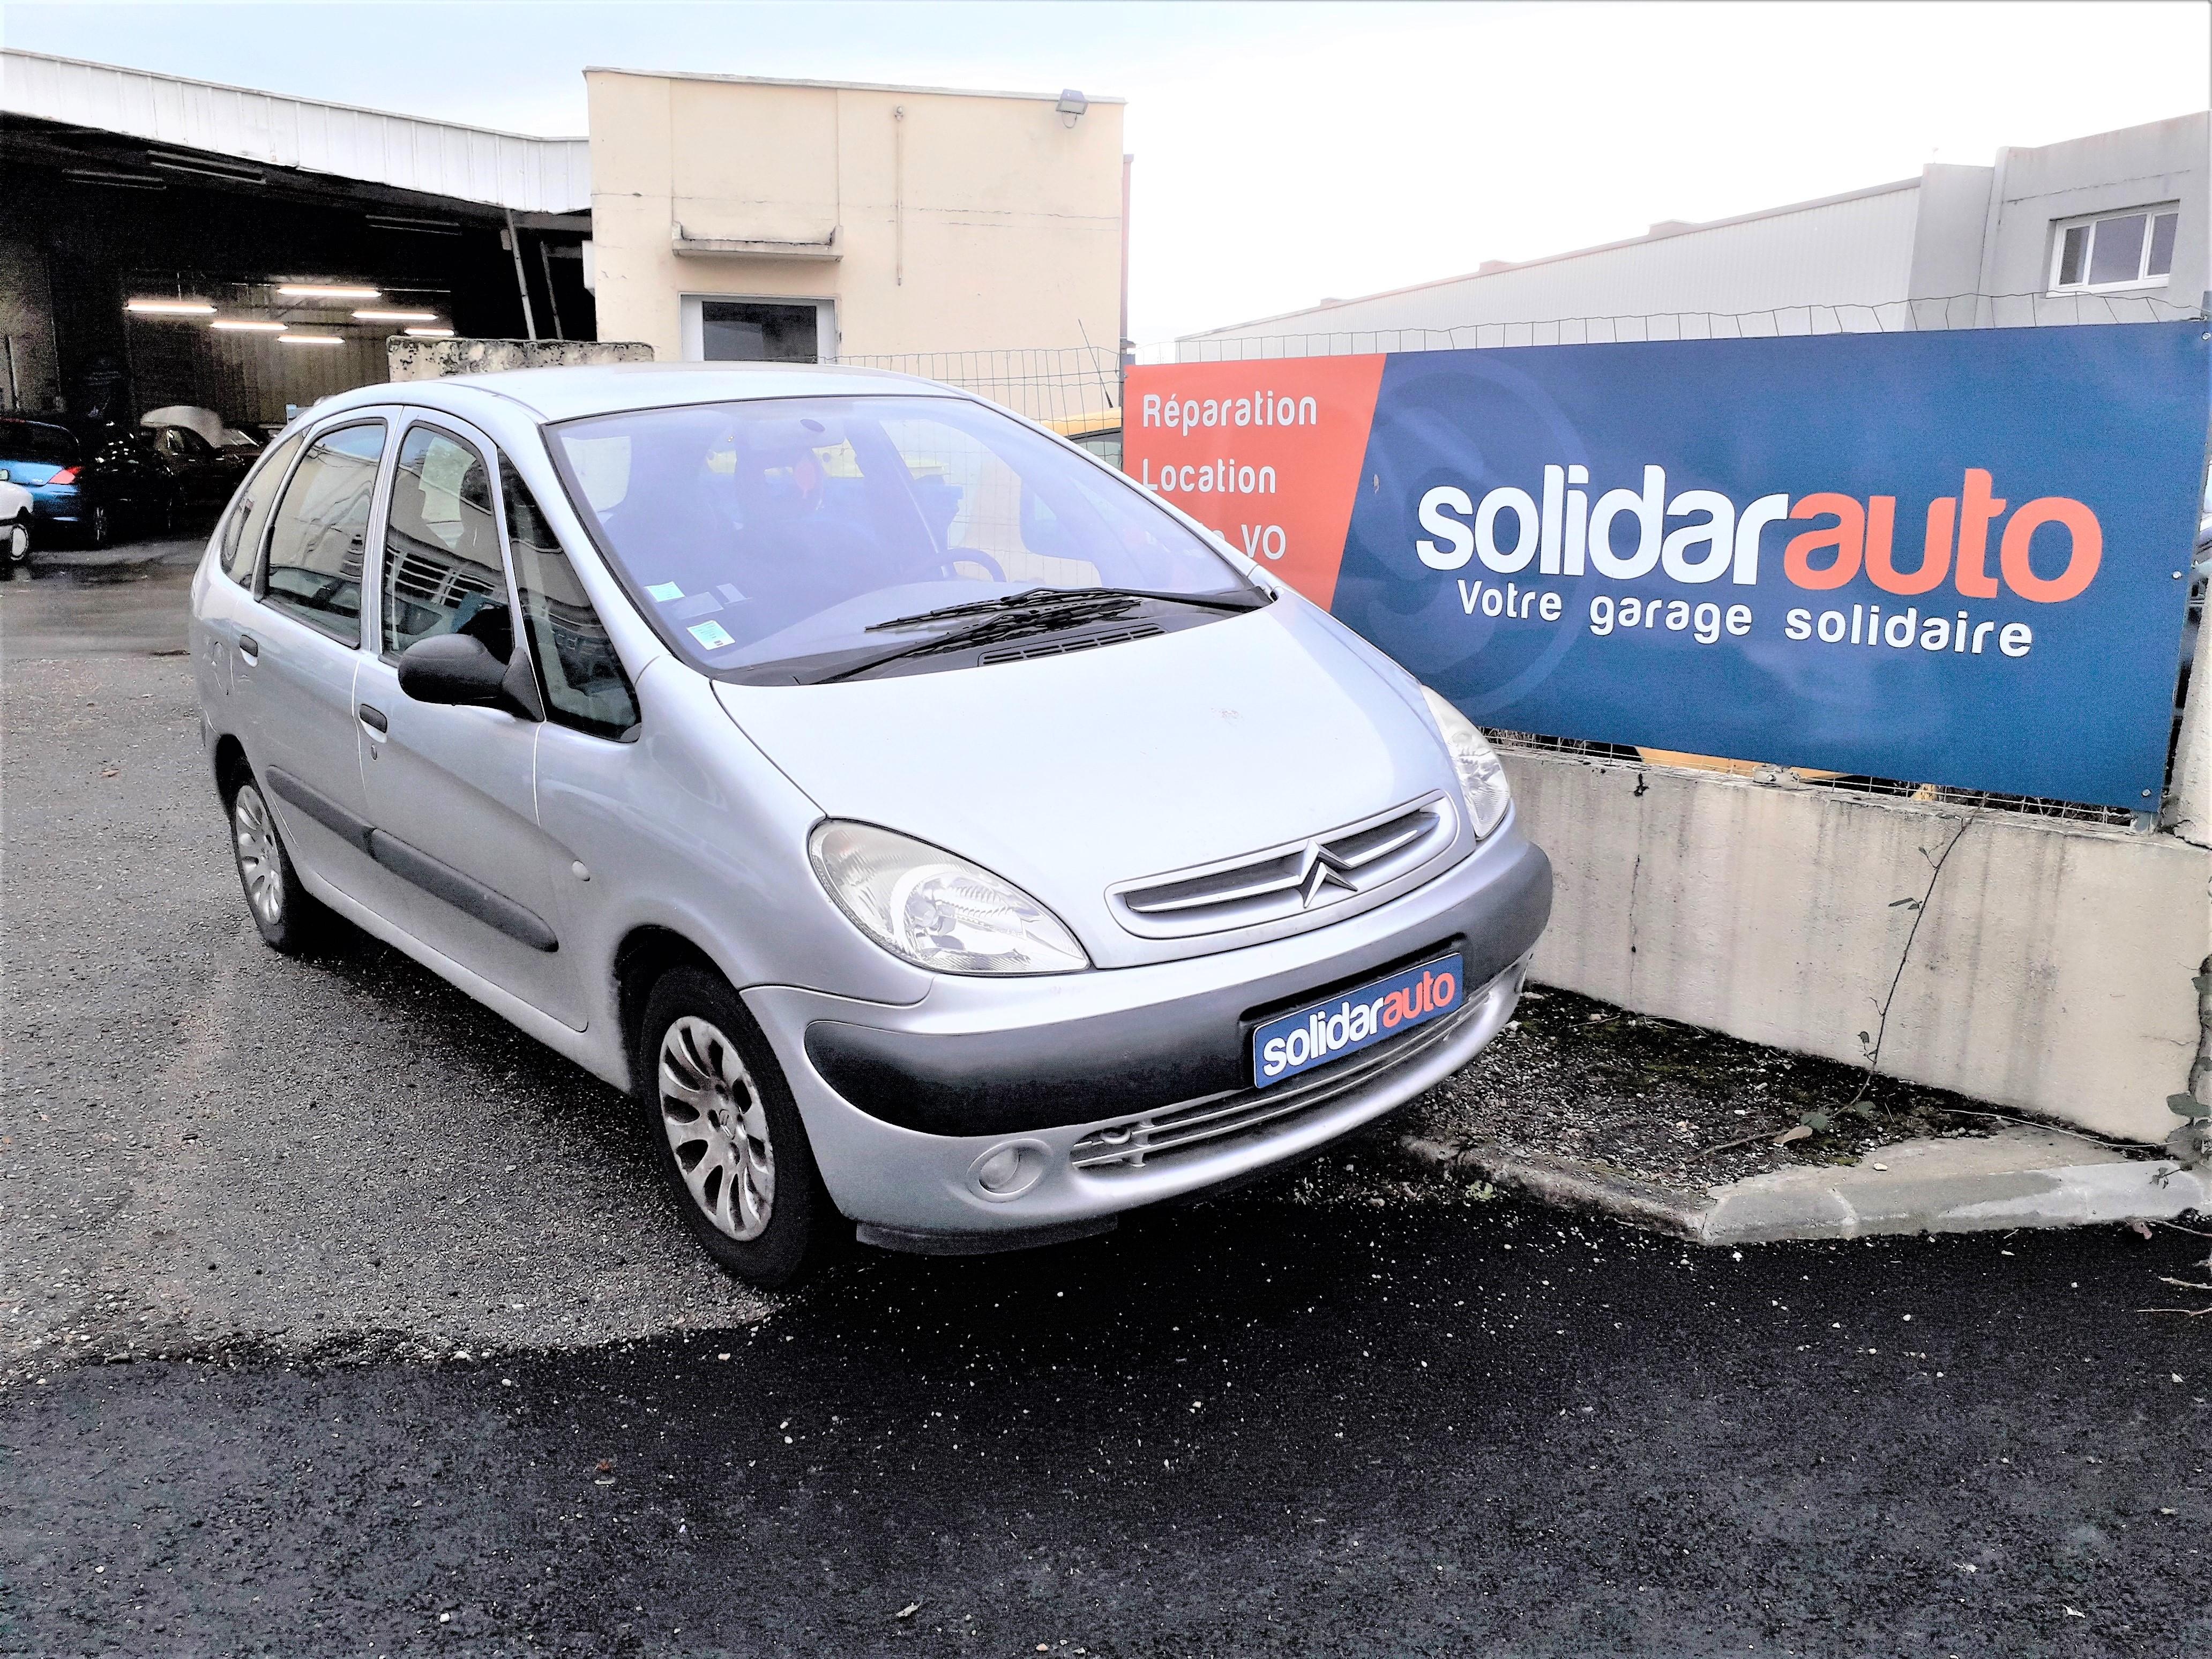 Vente voiture occasion votre garage solidaire rouen - Garage voiture occasion rouen ...